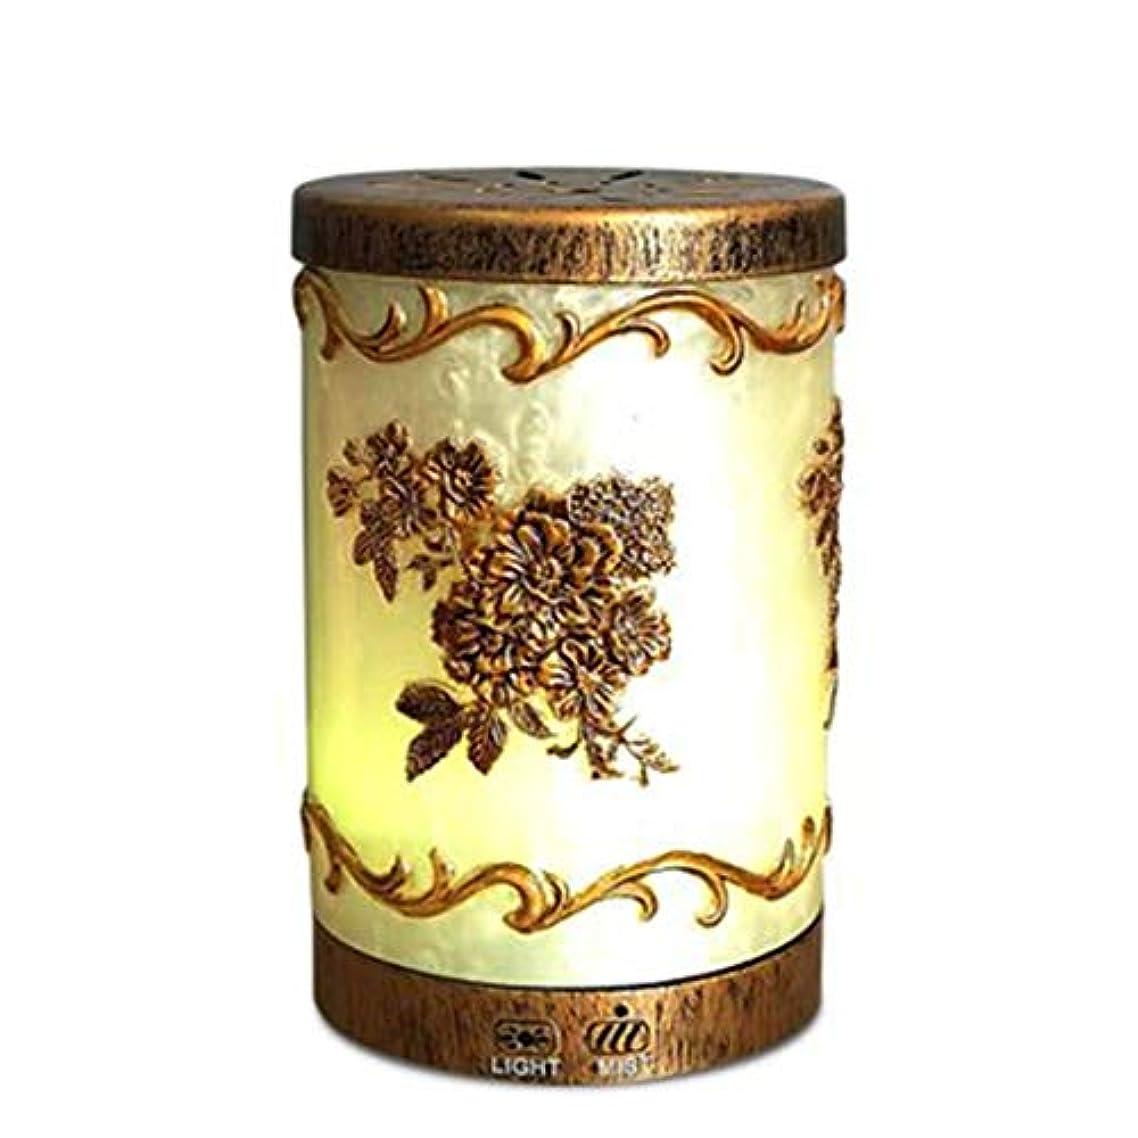 アンタゴニスト忠実な強化多彩な芳香ランプ、超音波機械、理性的な古典的な浮彫りにされたパターン拡散器の器械 (Color : Natural)